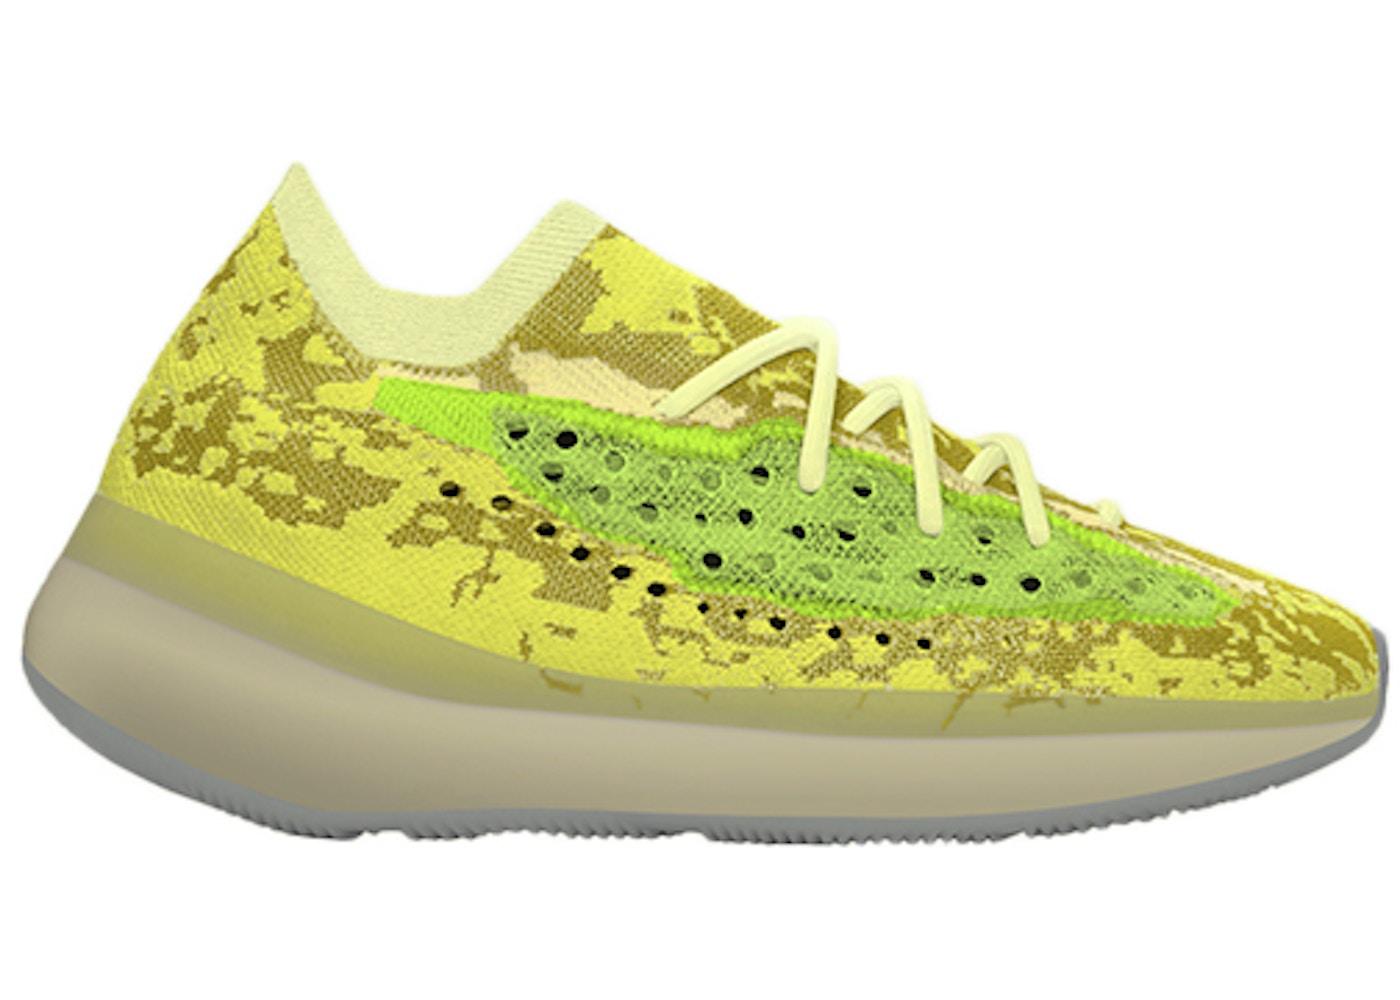 adidas Yeezy Boost 380 Hylte Glow